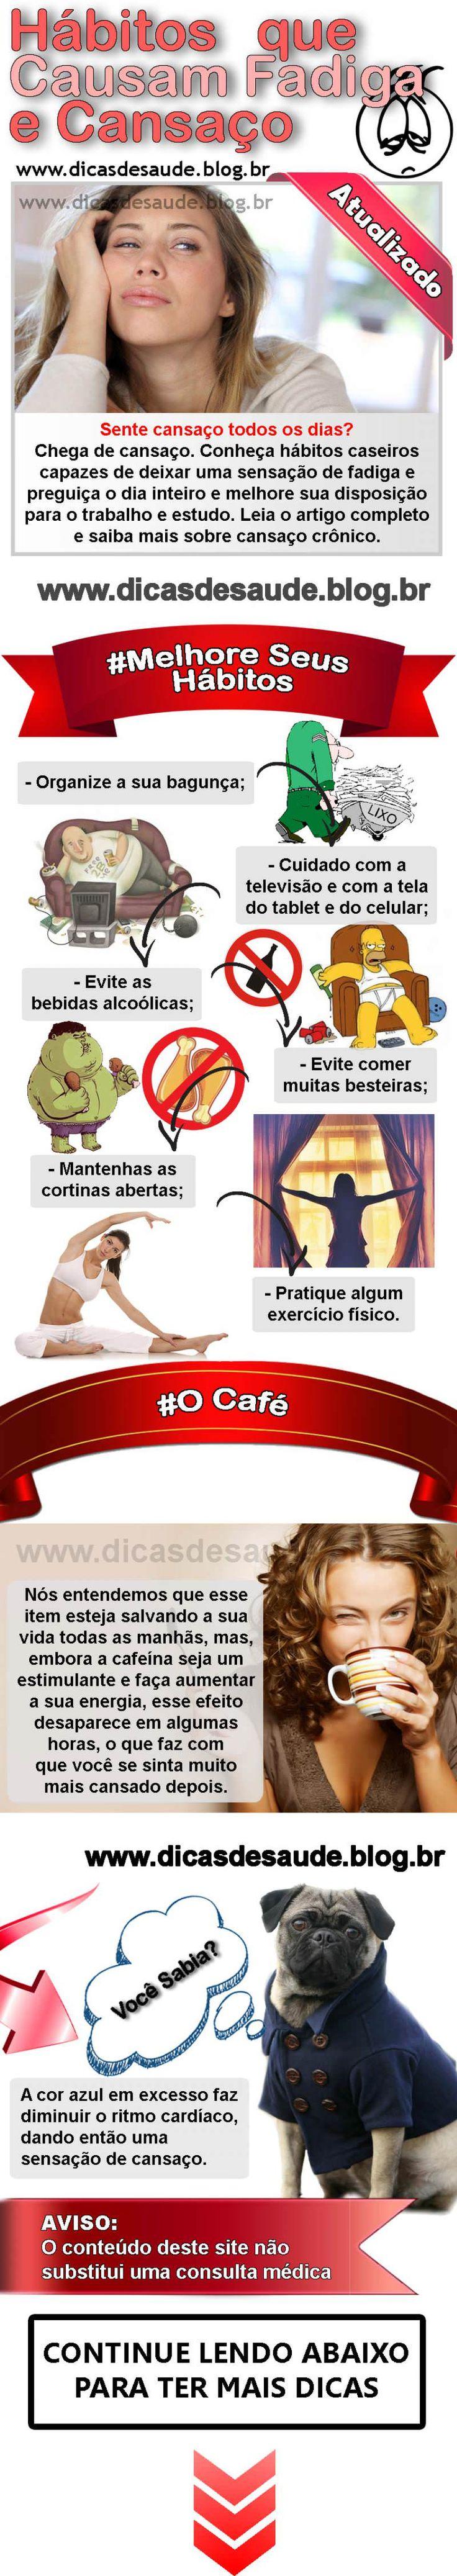 dicasdesaude.blog.br-fadiga-adrenal-como-curar-e-tratar-cansaco-cronico